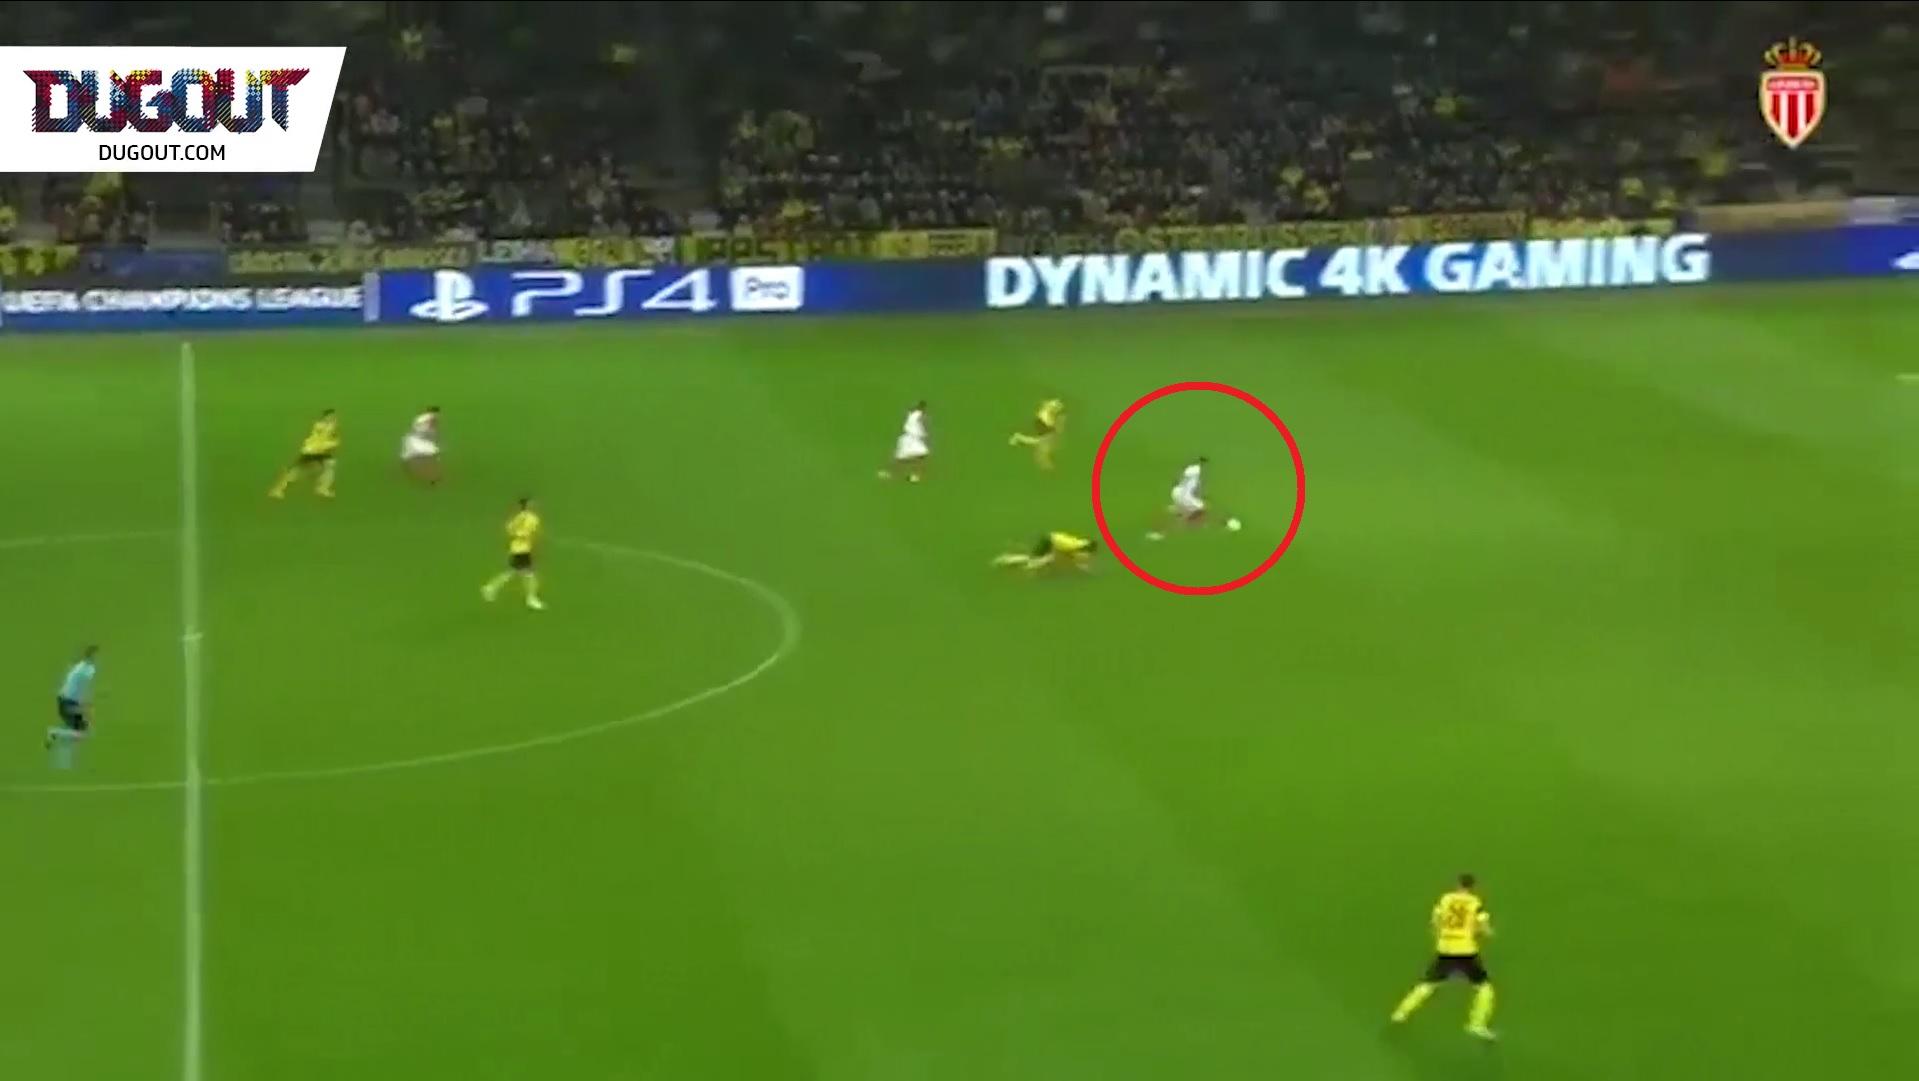 Quand Kylian Mbappé se révélait à l'Europe du foot face à Dortmund en 2017